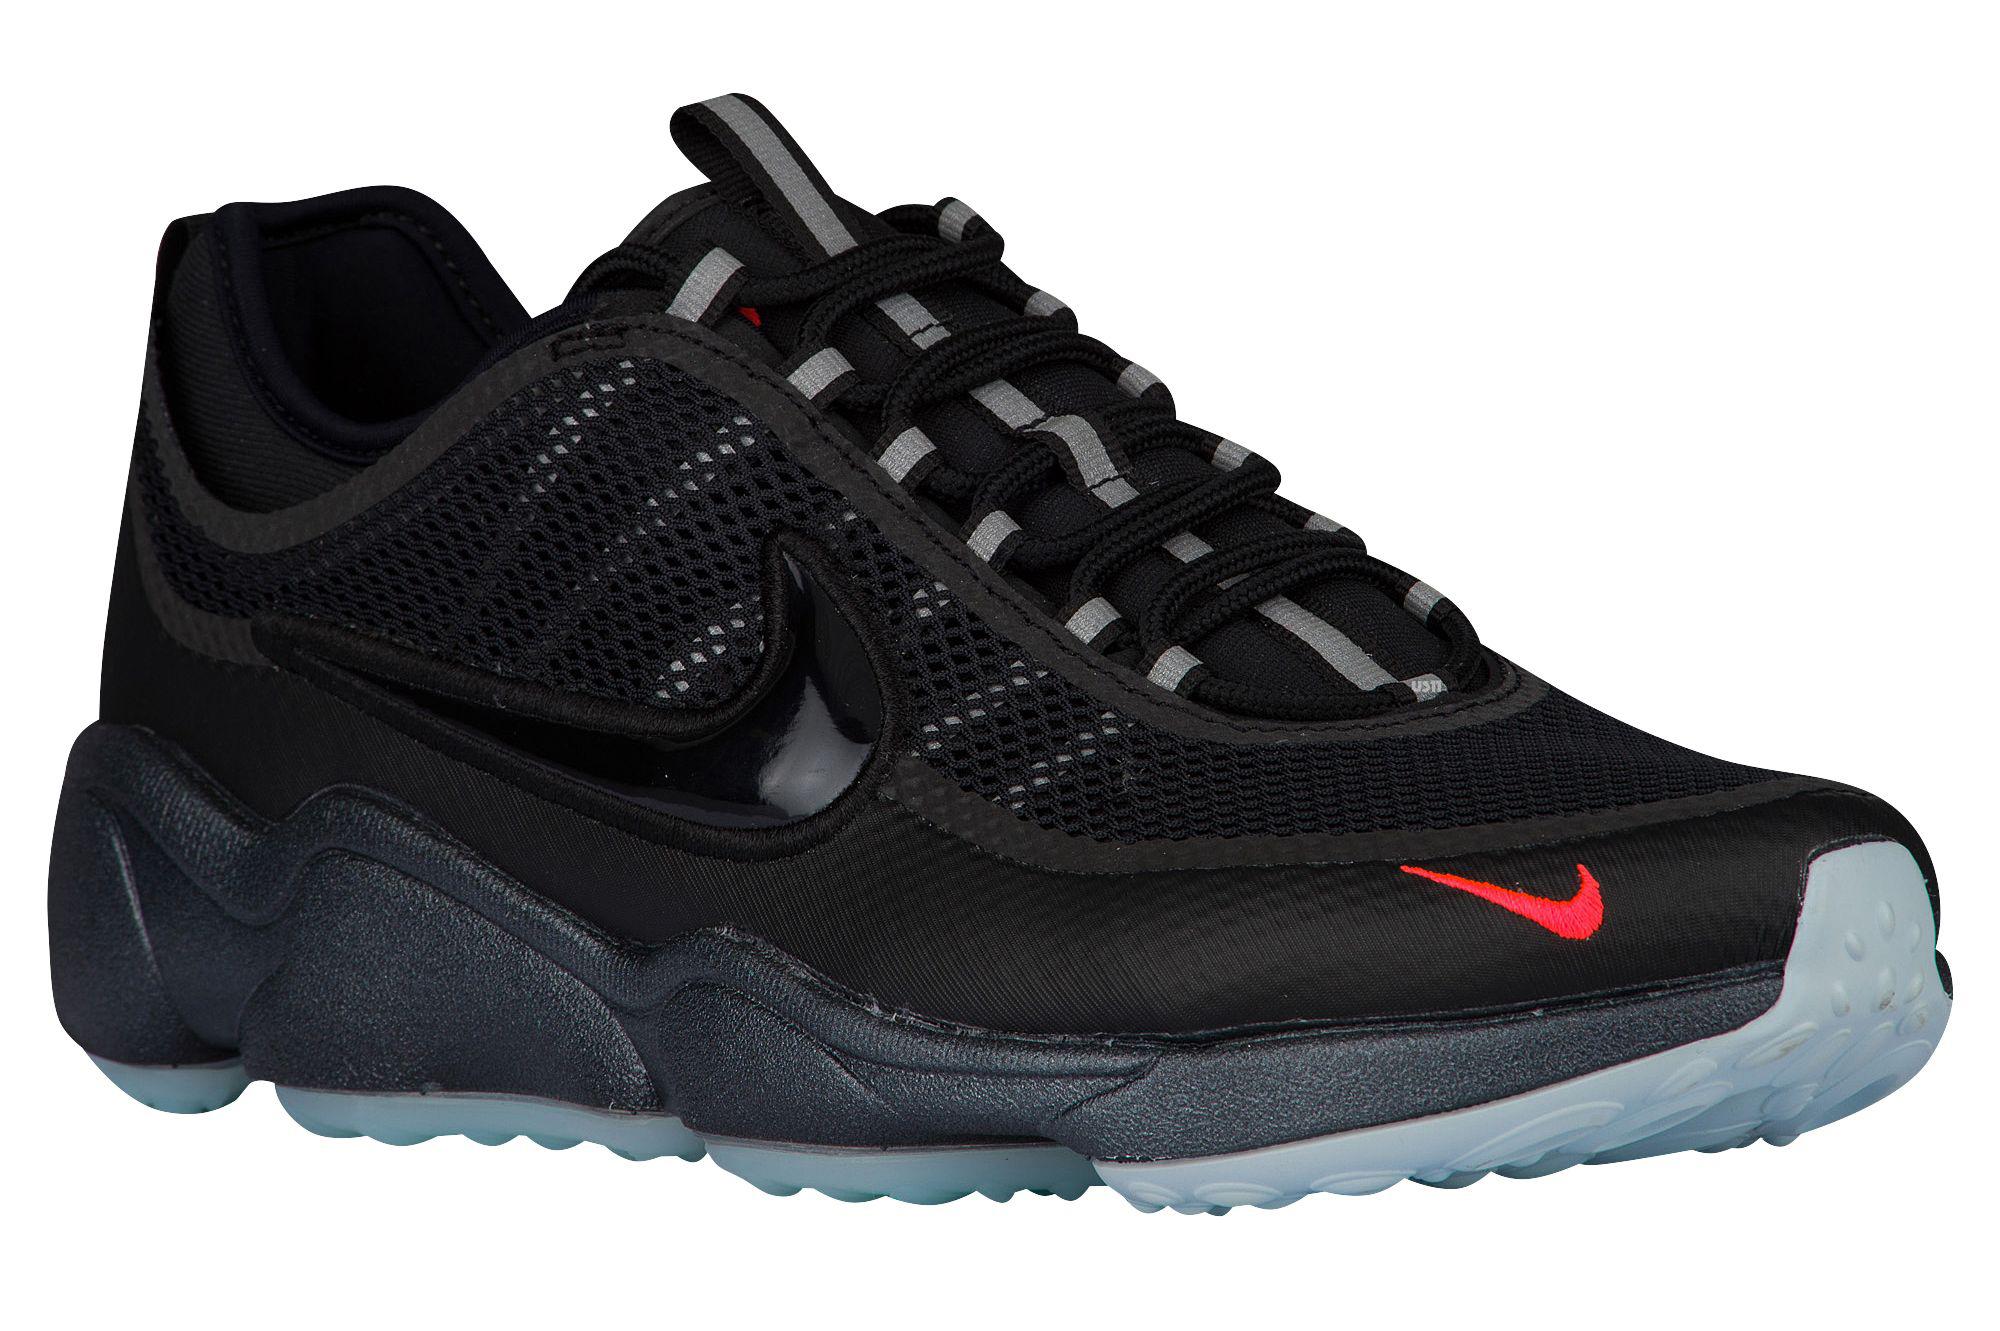 86a75203dfbb Nike Air Zoom Spiridon Ultra